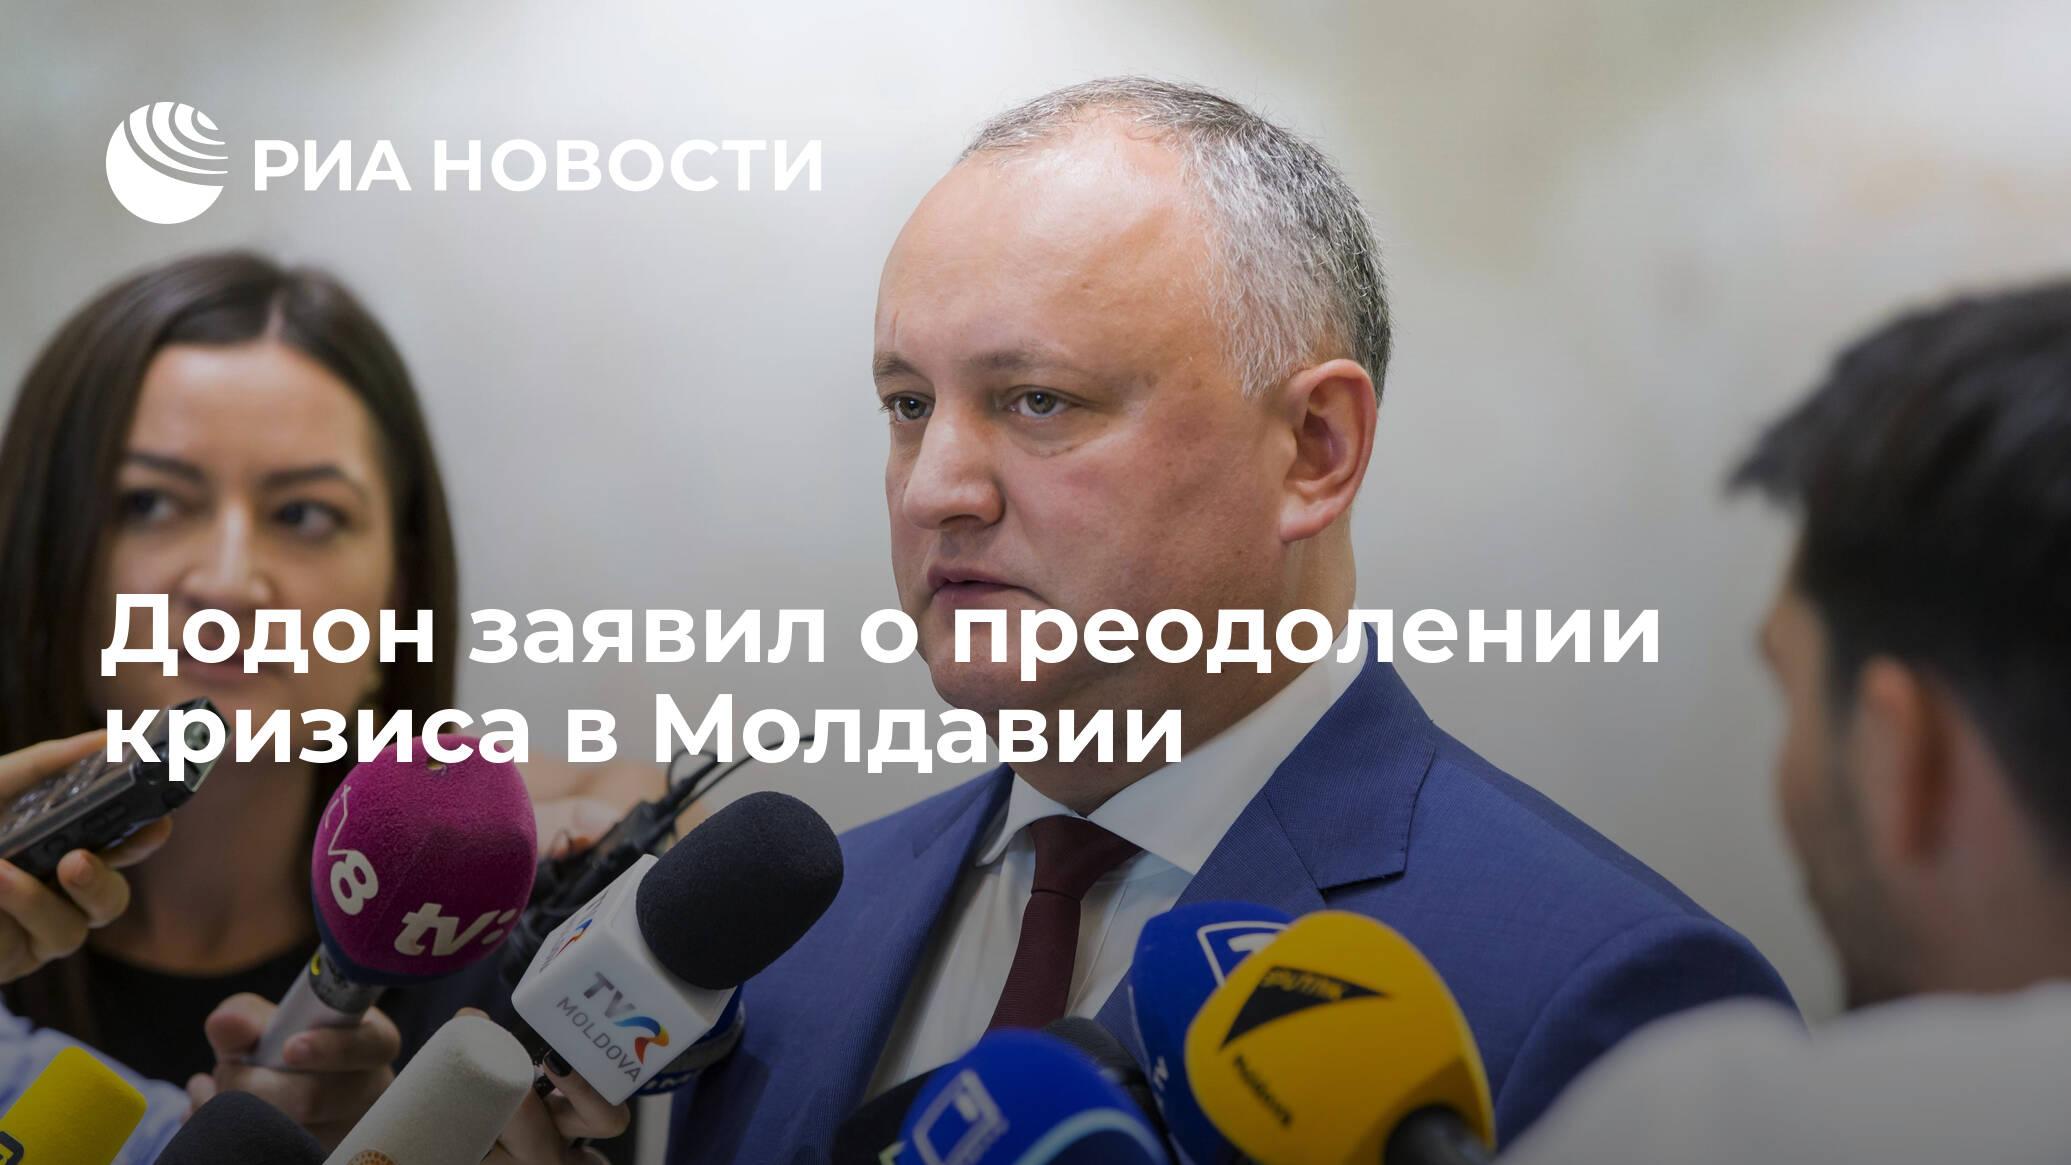 Додон заявил о преодолении кризиса в Молдавии